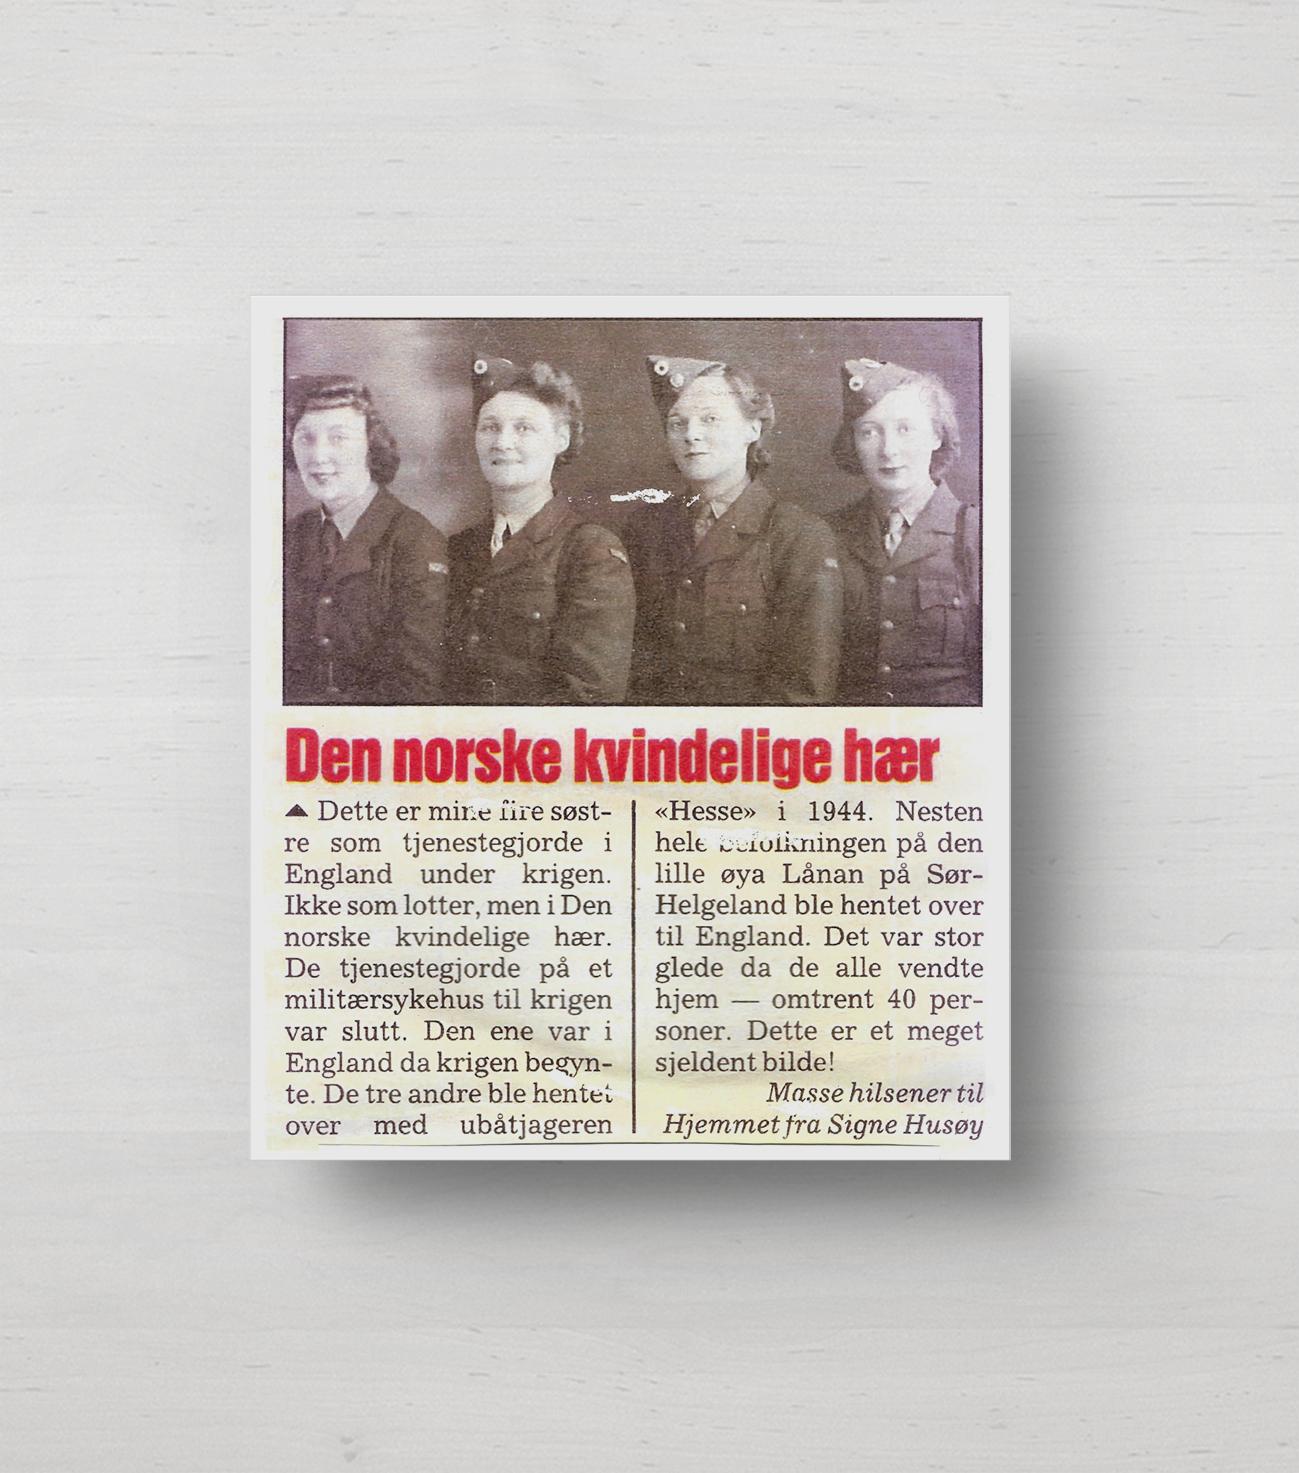 Den norske kvindelige hær